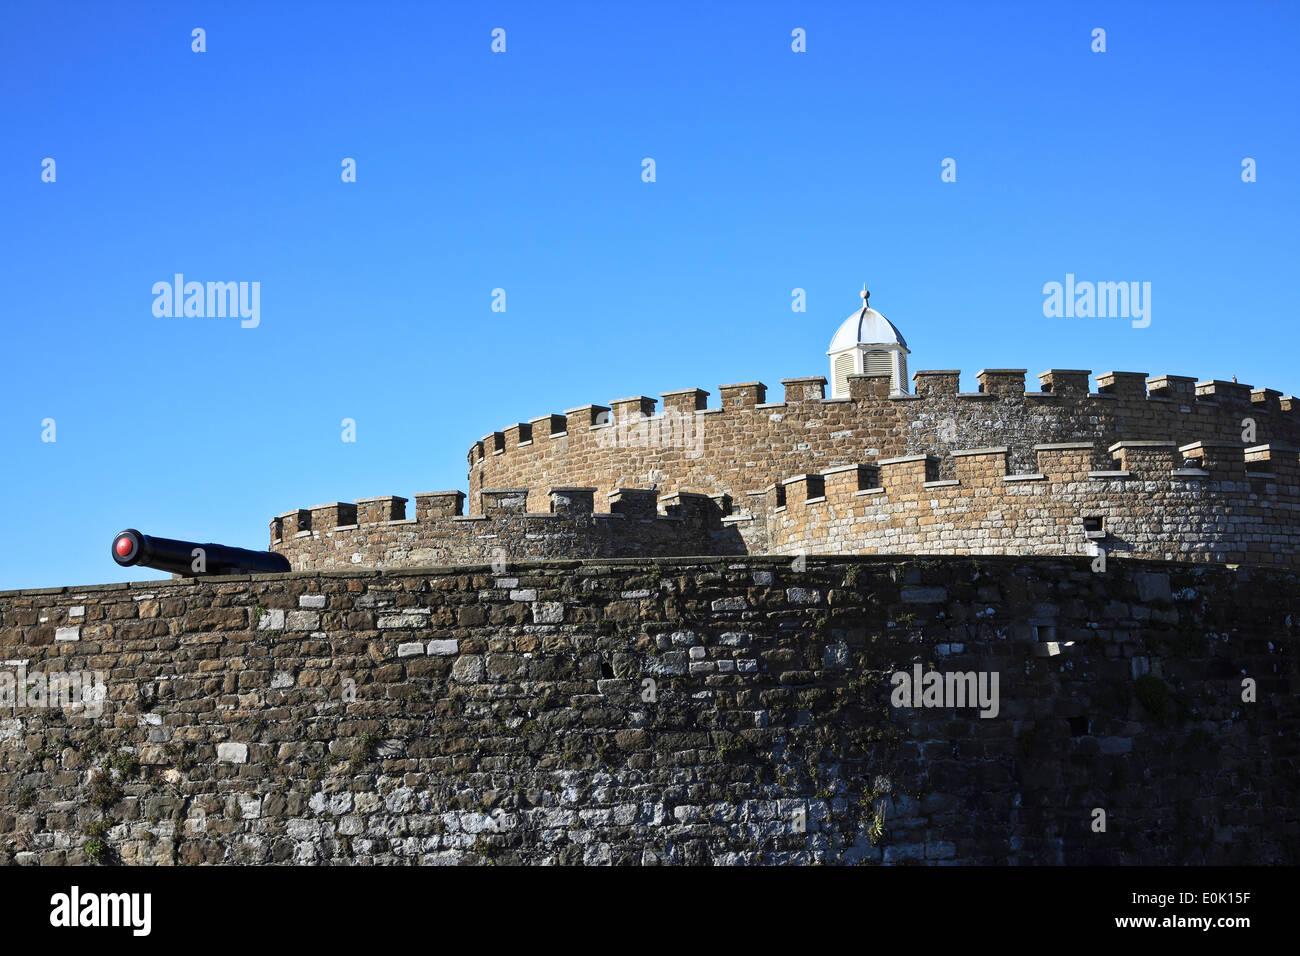 9441. Castle, Deal, Kent - Stock Image